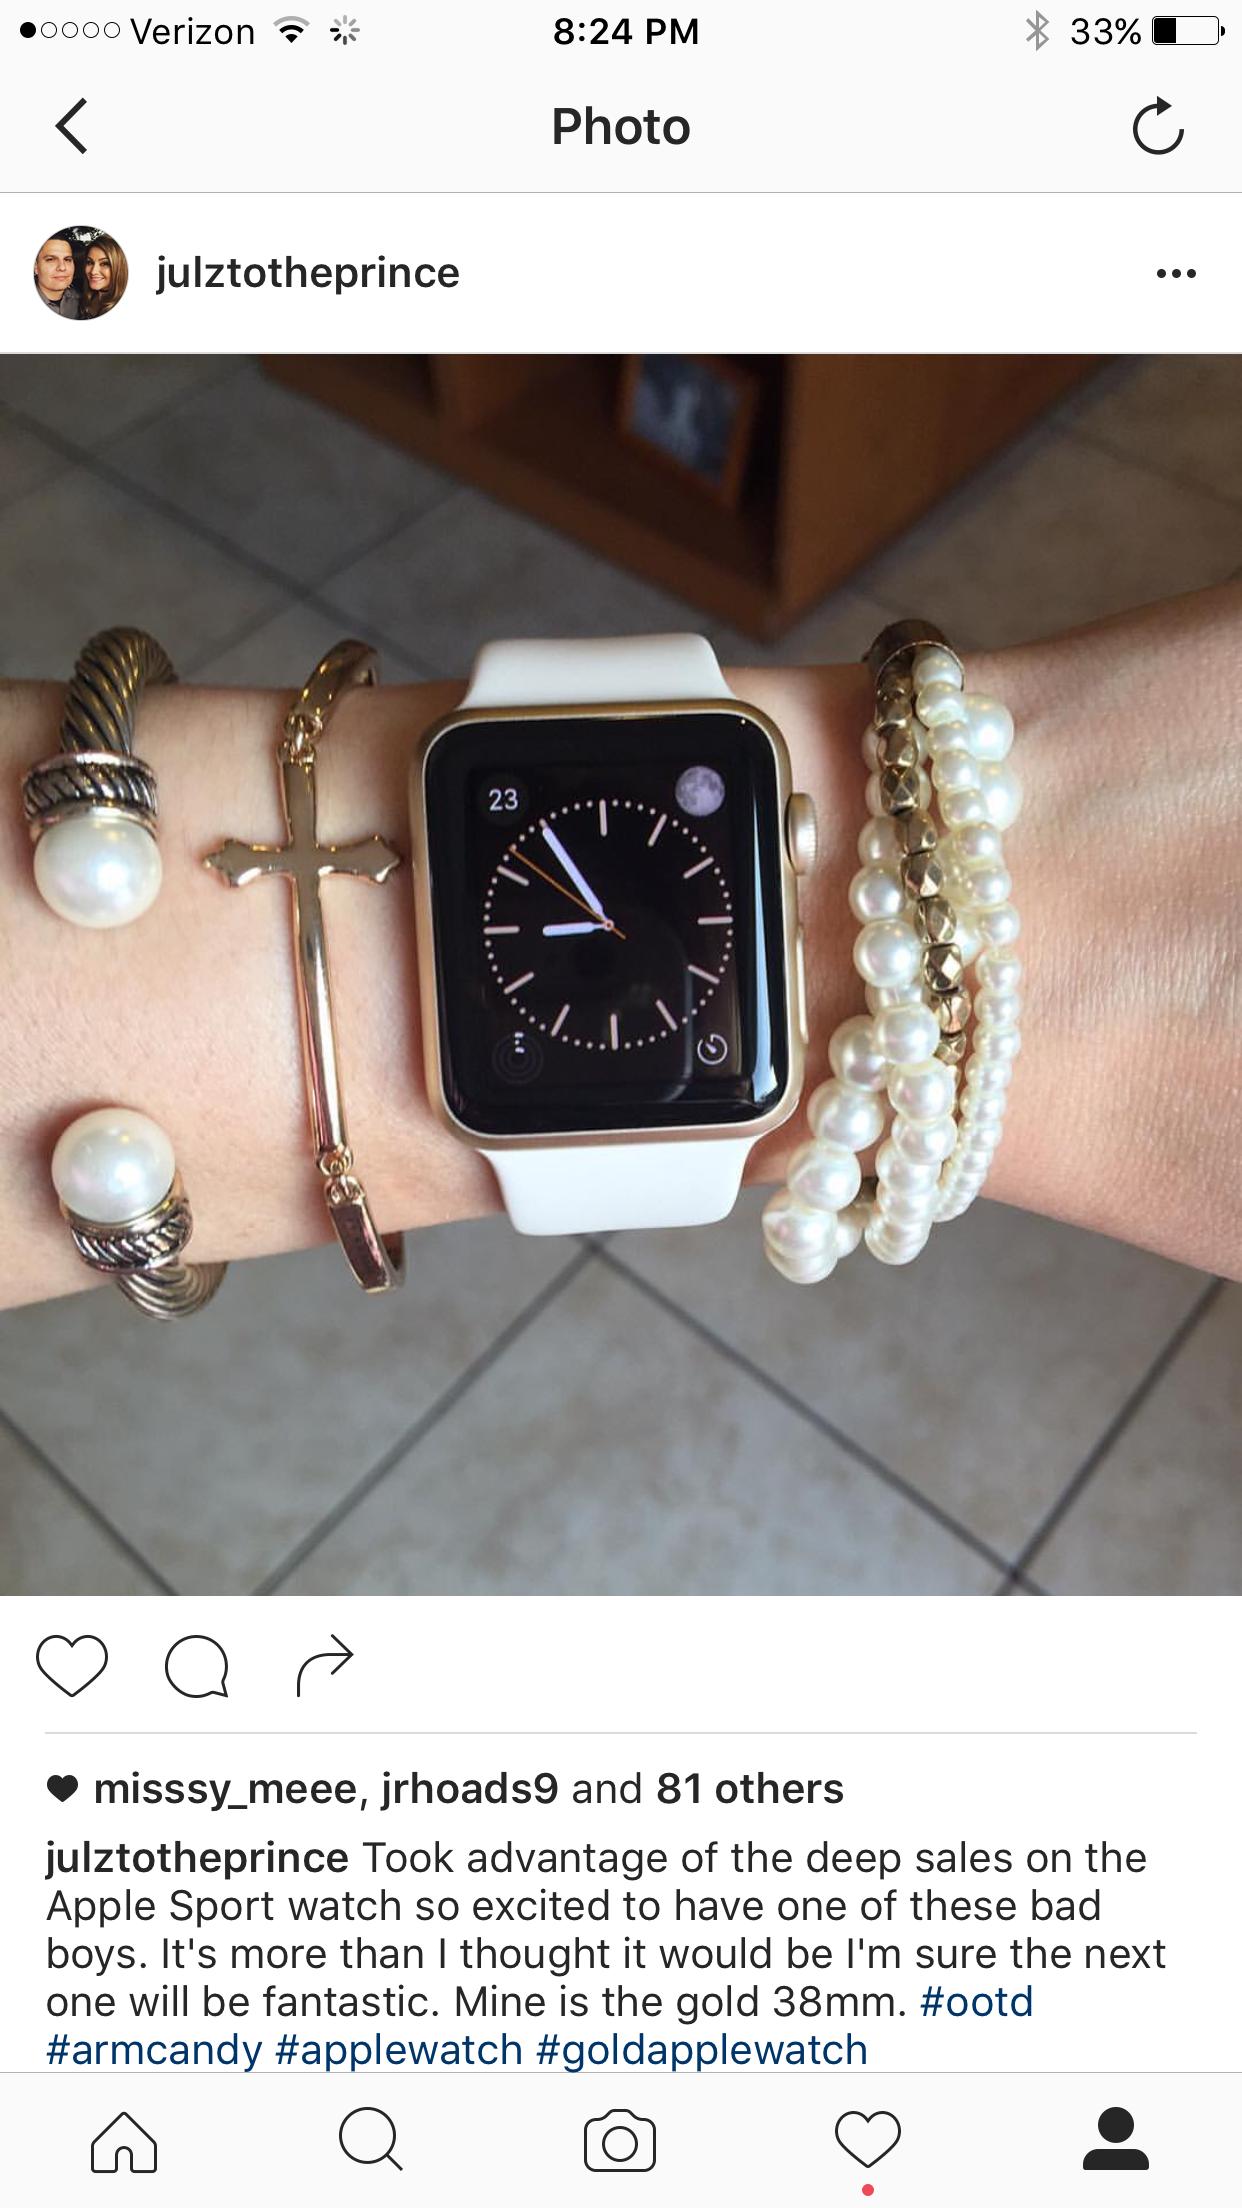 Apple Watch gold 38mm 1st gen with bracelets